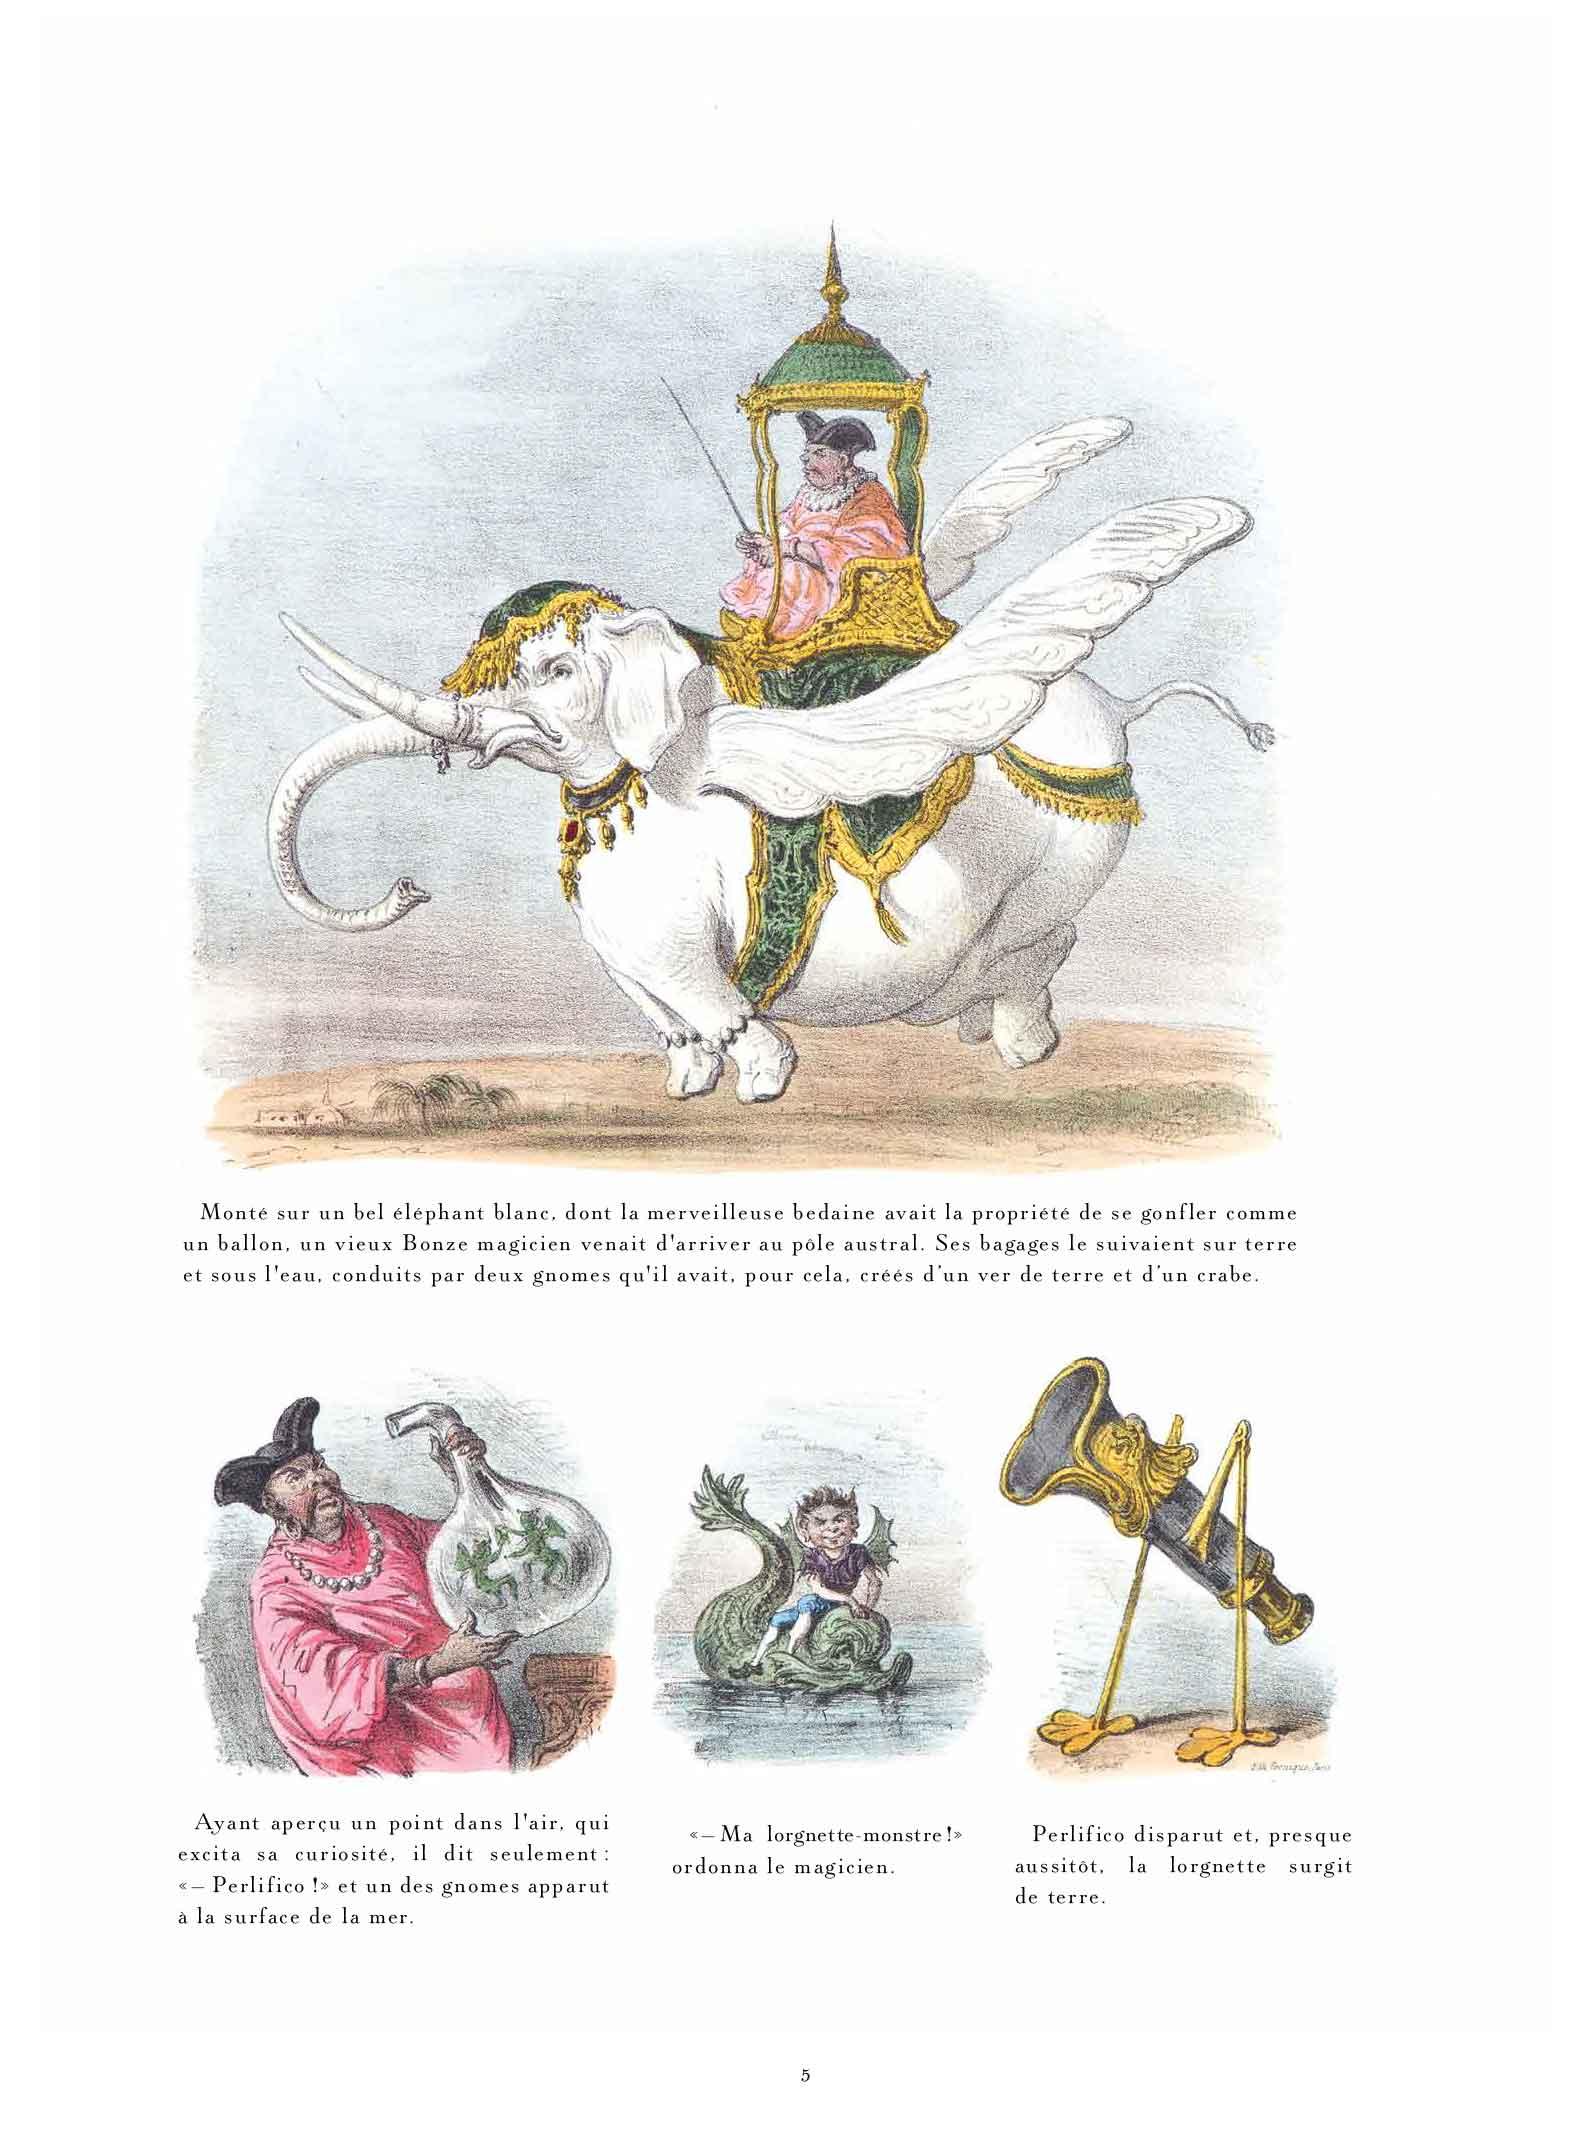 « Le Mirliton merveilleux » par Armand-Louis-Henri Telory et Jules Rostaing.